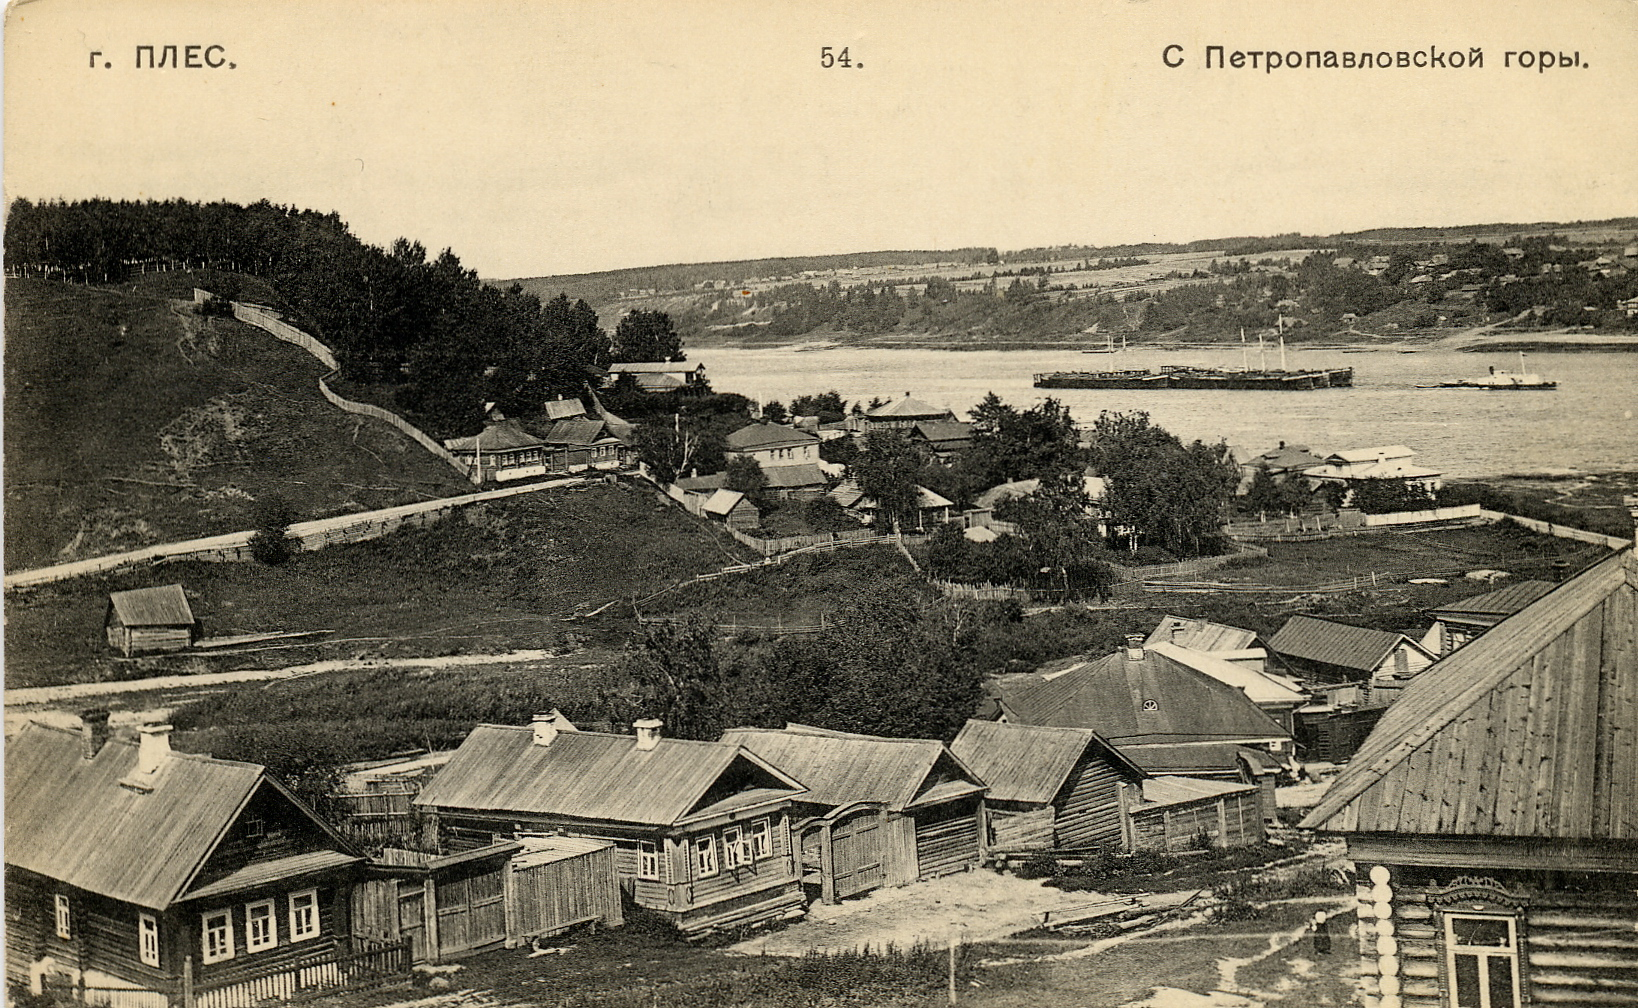 Вид с Петропавловской горы